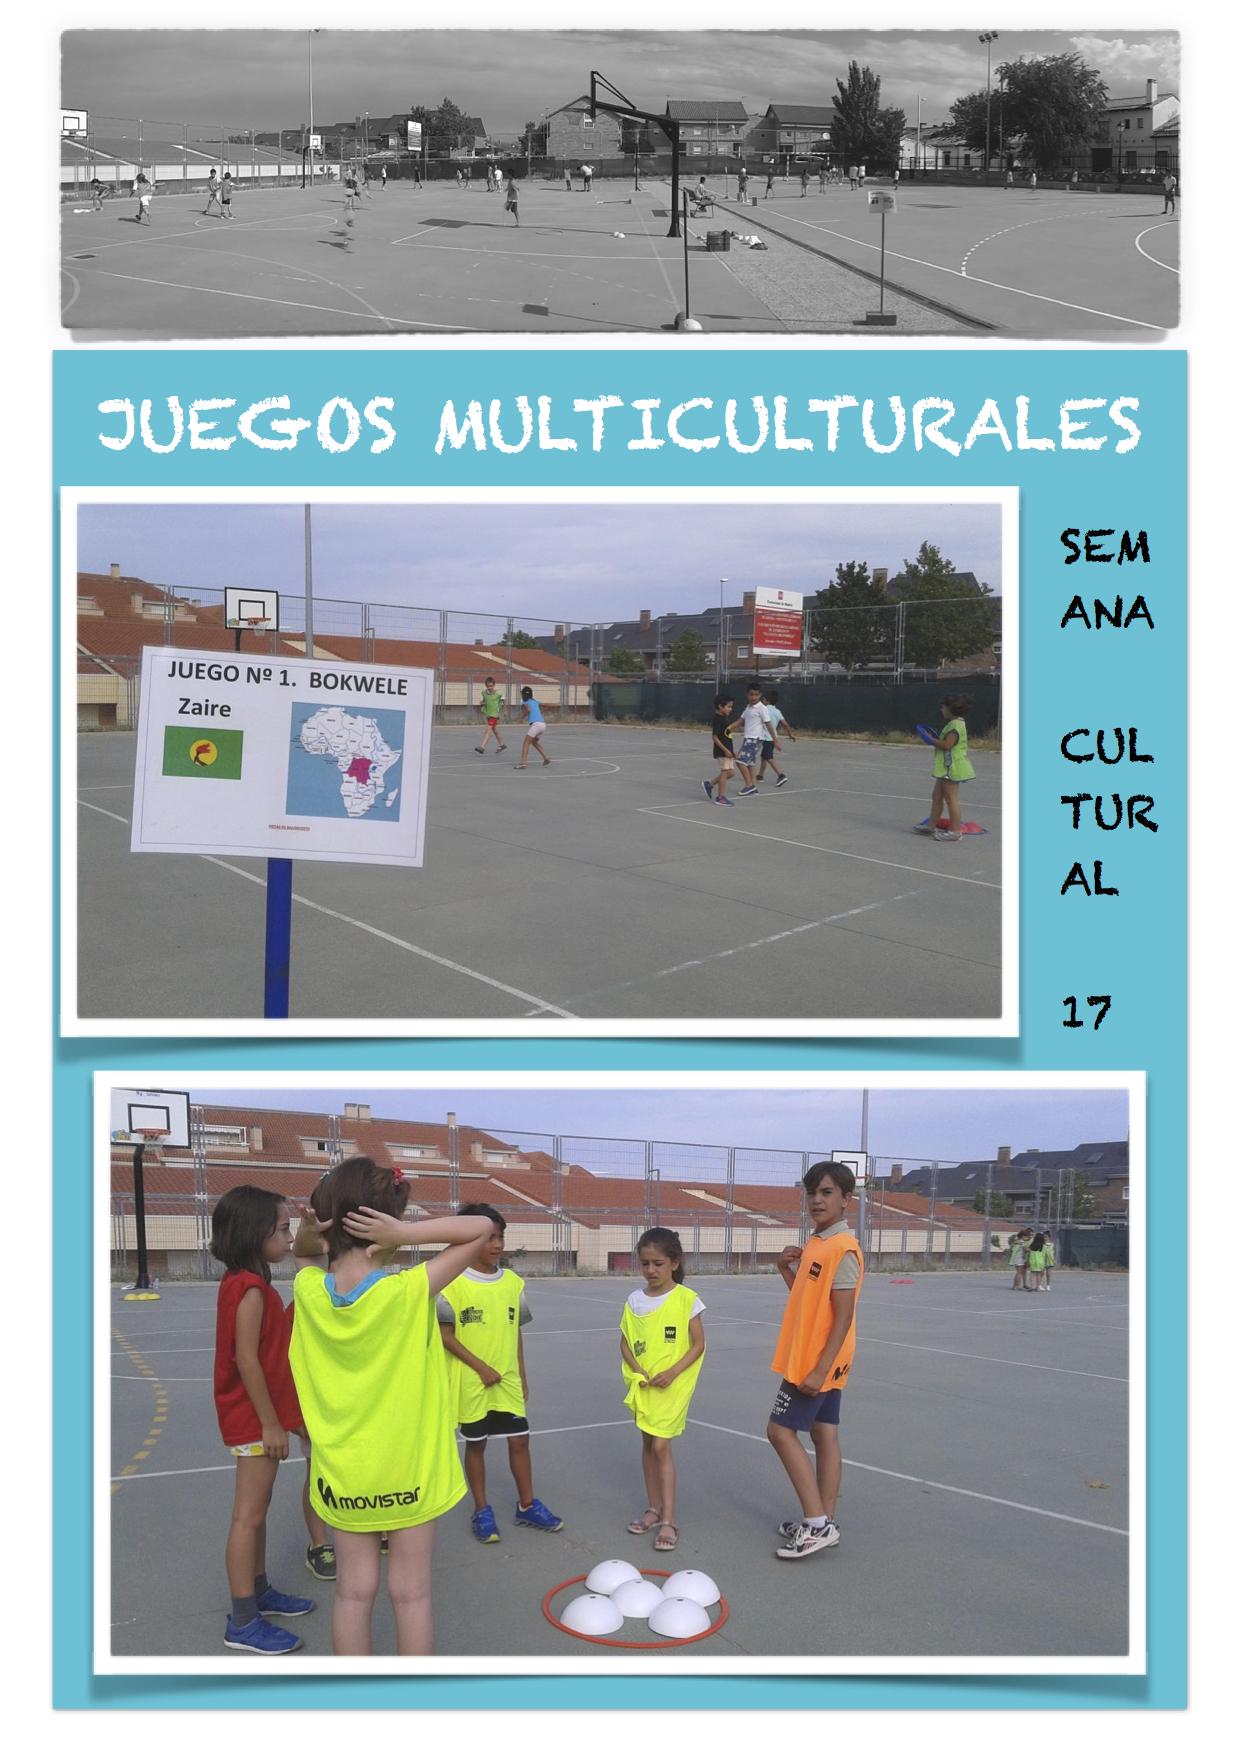 Juegos Multiculturales1